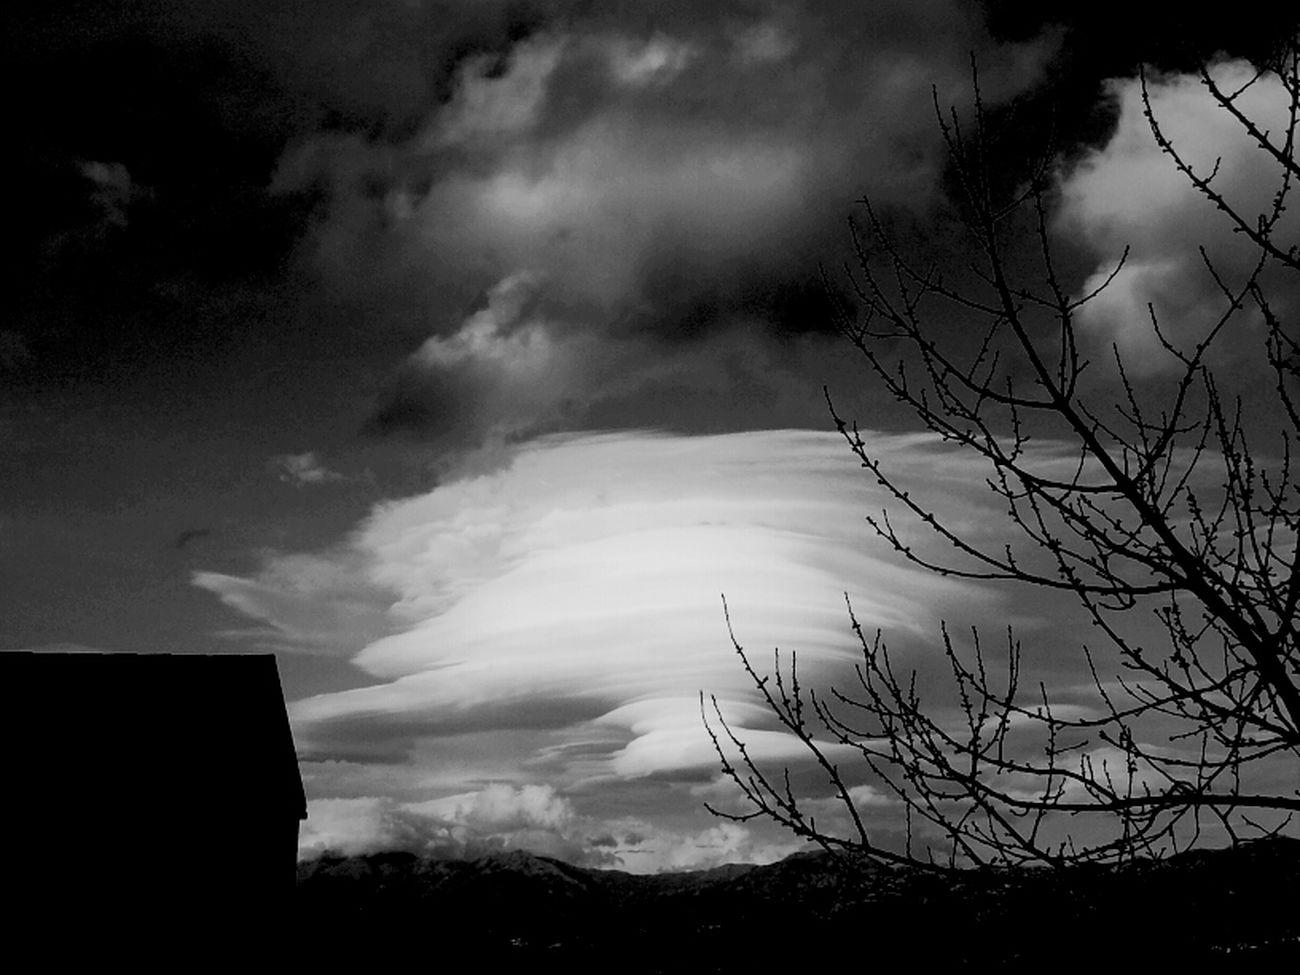 ... Je me souviens des larmes versées sur le passé.. du temps qui toujours fane et jamais ne renait.. et j ai peur du present quand je sais que demain de ces instants qu on vit il ne restera rien...... Rien que des souvenirs que le temps reprendra..... Clouds And Sky Bnw Bnw_friday_challenge Santu Petru